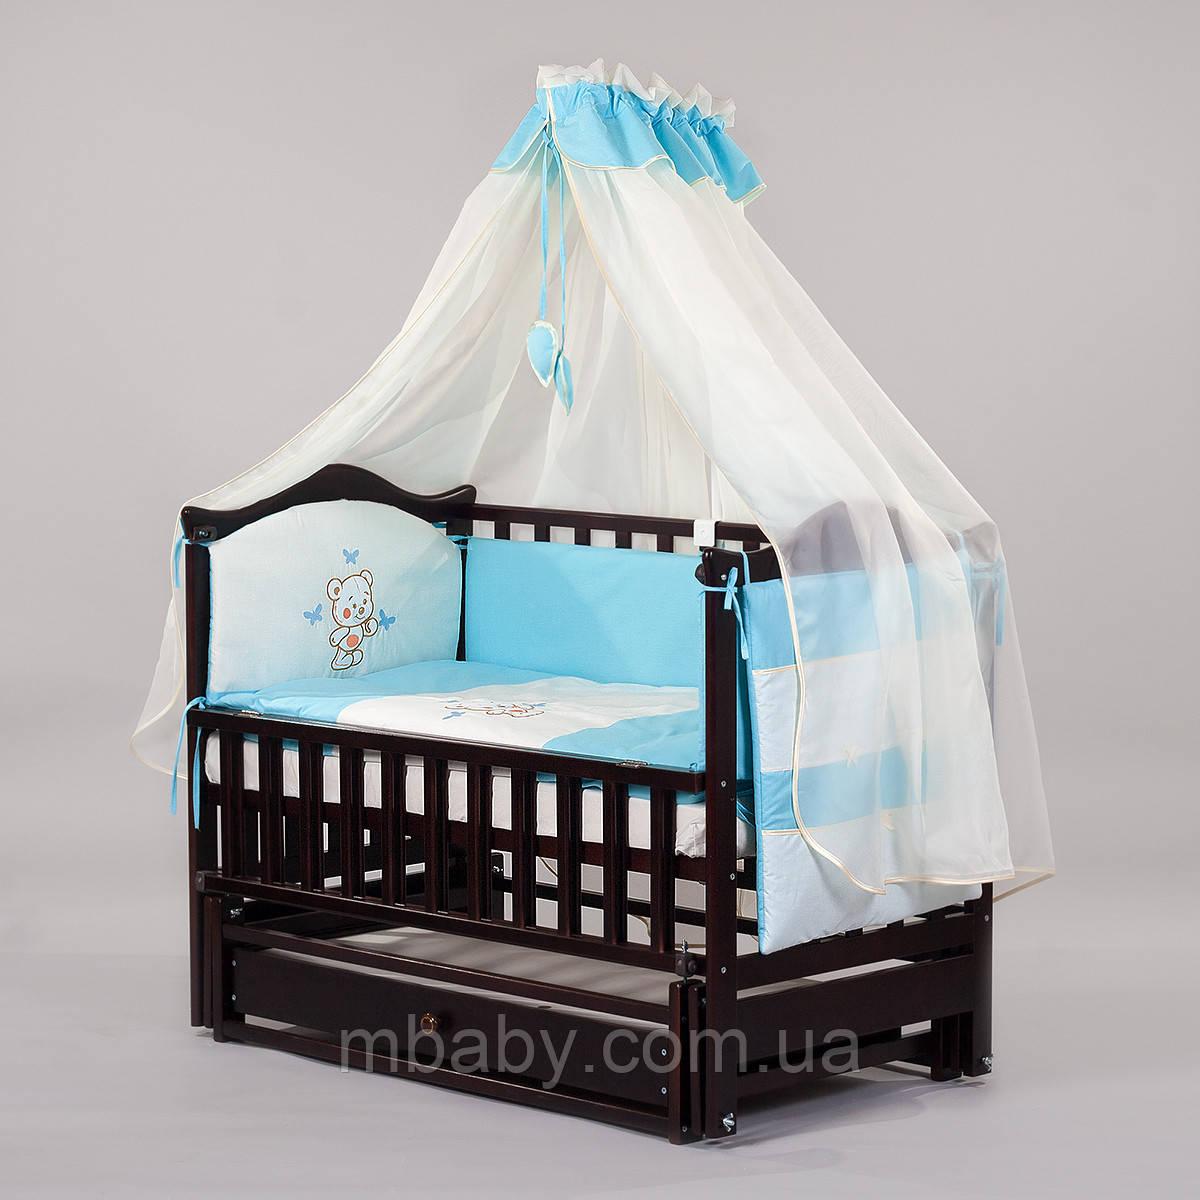 """Детский постельный комплект """"Люкс BEAR 04"""" 8 элементов с вышивкой"""